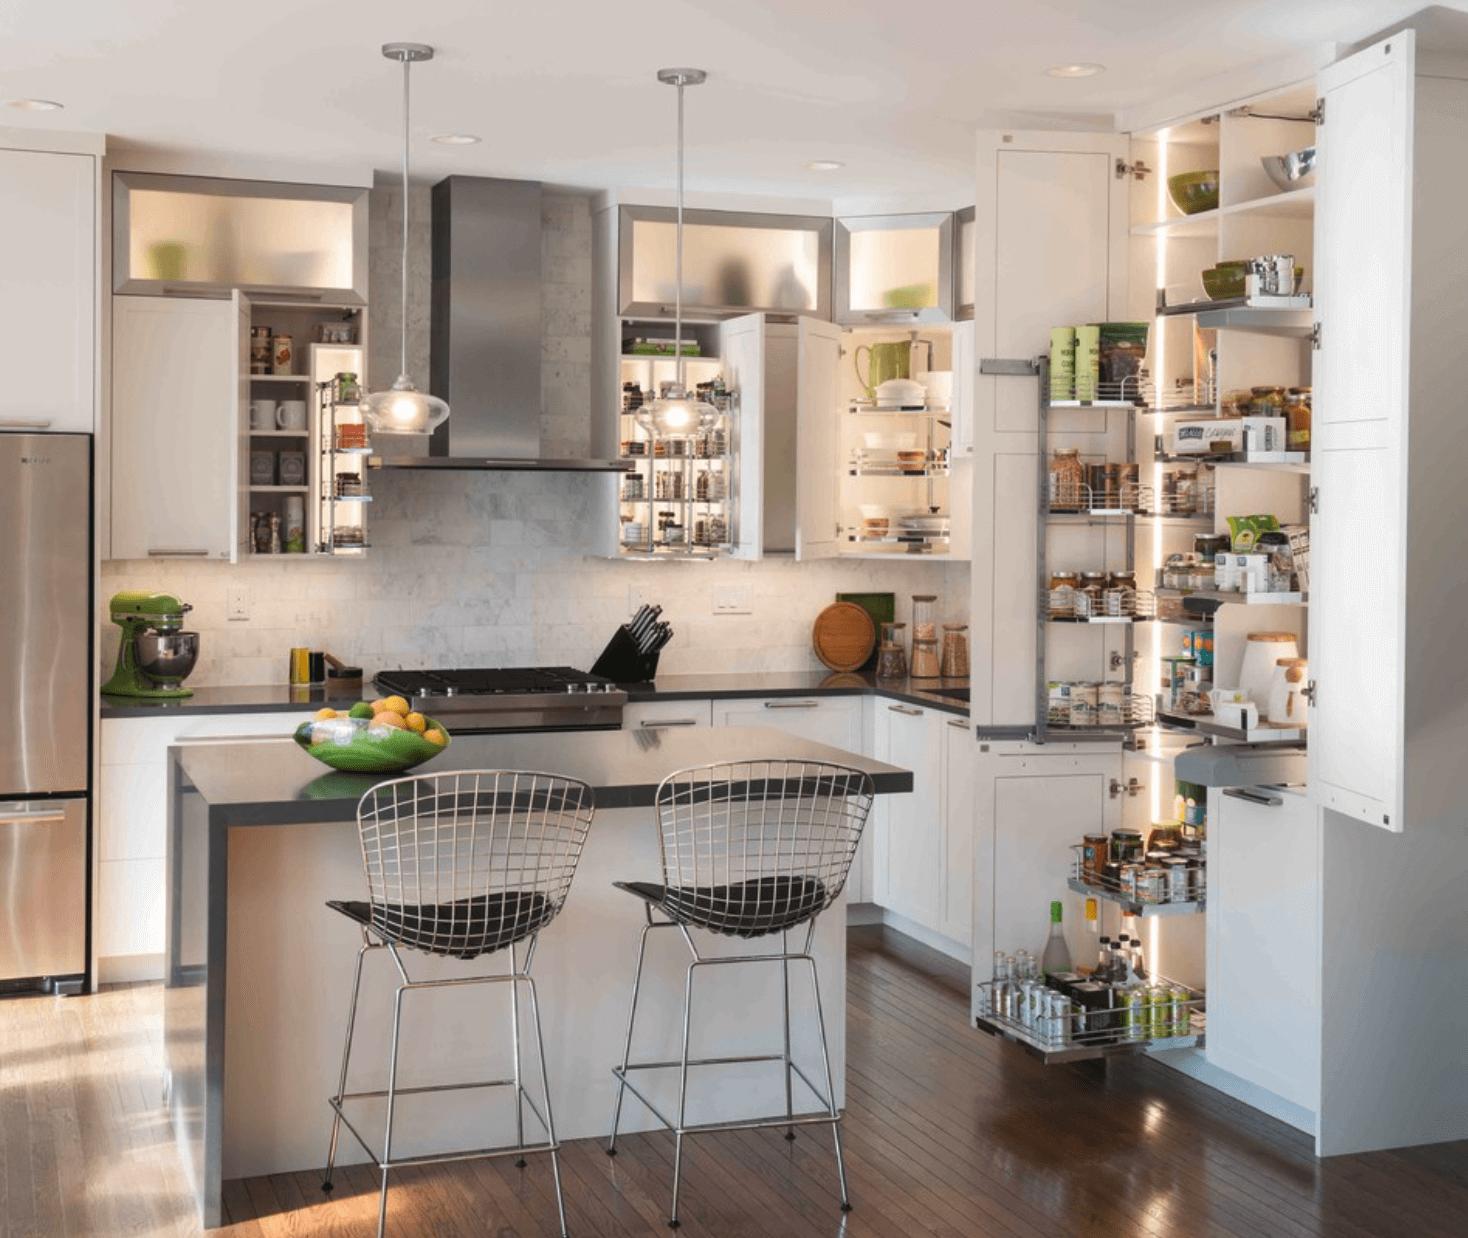 #4C6131 decoracao de cozinha americana.png 1468x1238 px Balcão De Cozinha Americana Com Bar #2349 imagens